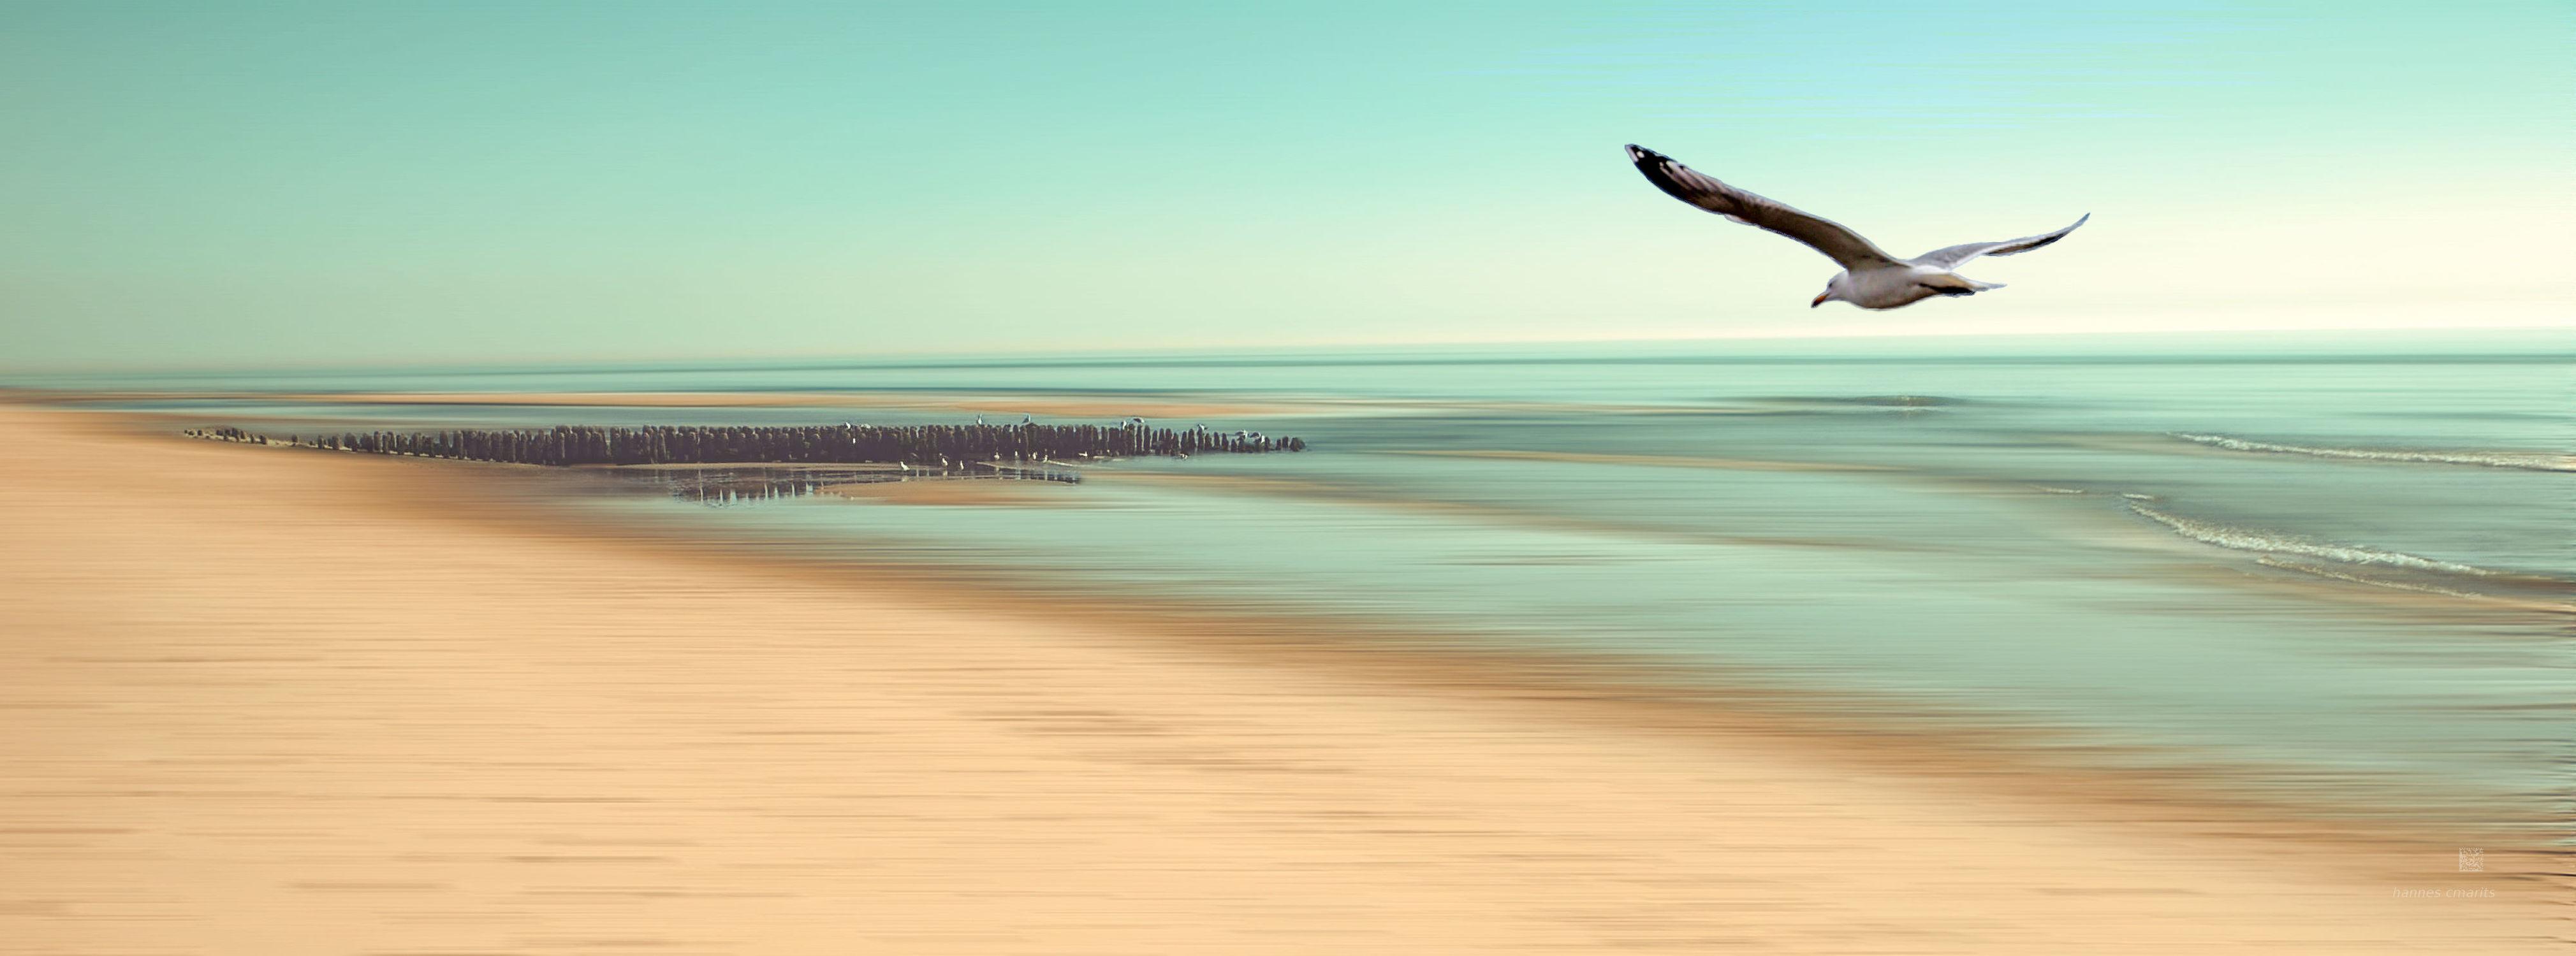 Bild mit Natur, Wasser, Wolken, Gewässer, Meere, Strände, Wellen, Sonnenuntergang, Urlaub, Sommer, Sonnenaufgang, Vögel, Strand, Meerblick, Ostsee, Düne, Dünen, clouds, Insel, Beach, Ocean, Sylt, Möwe, Küste, Möve, Reisen, Strand & Meer, Abend am Meer, Reise, Wolke, island, sea, seaside, ozean, nordfriesland, Möven